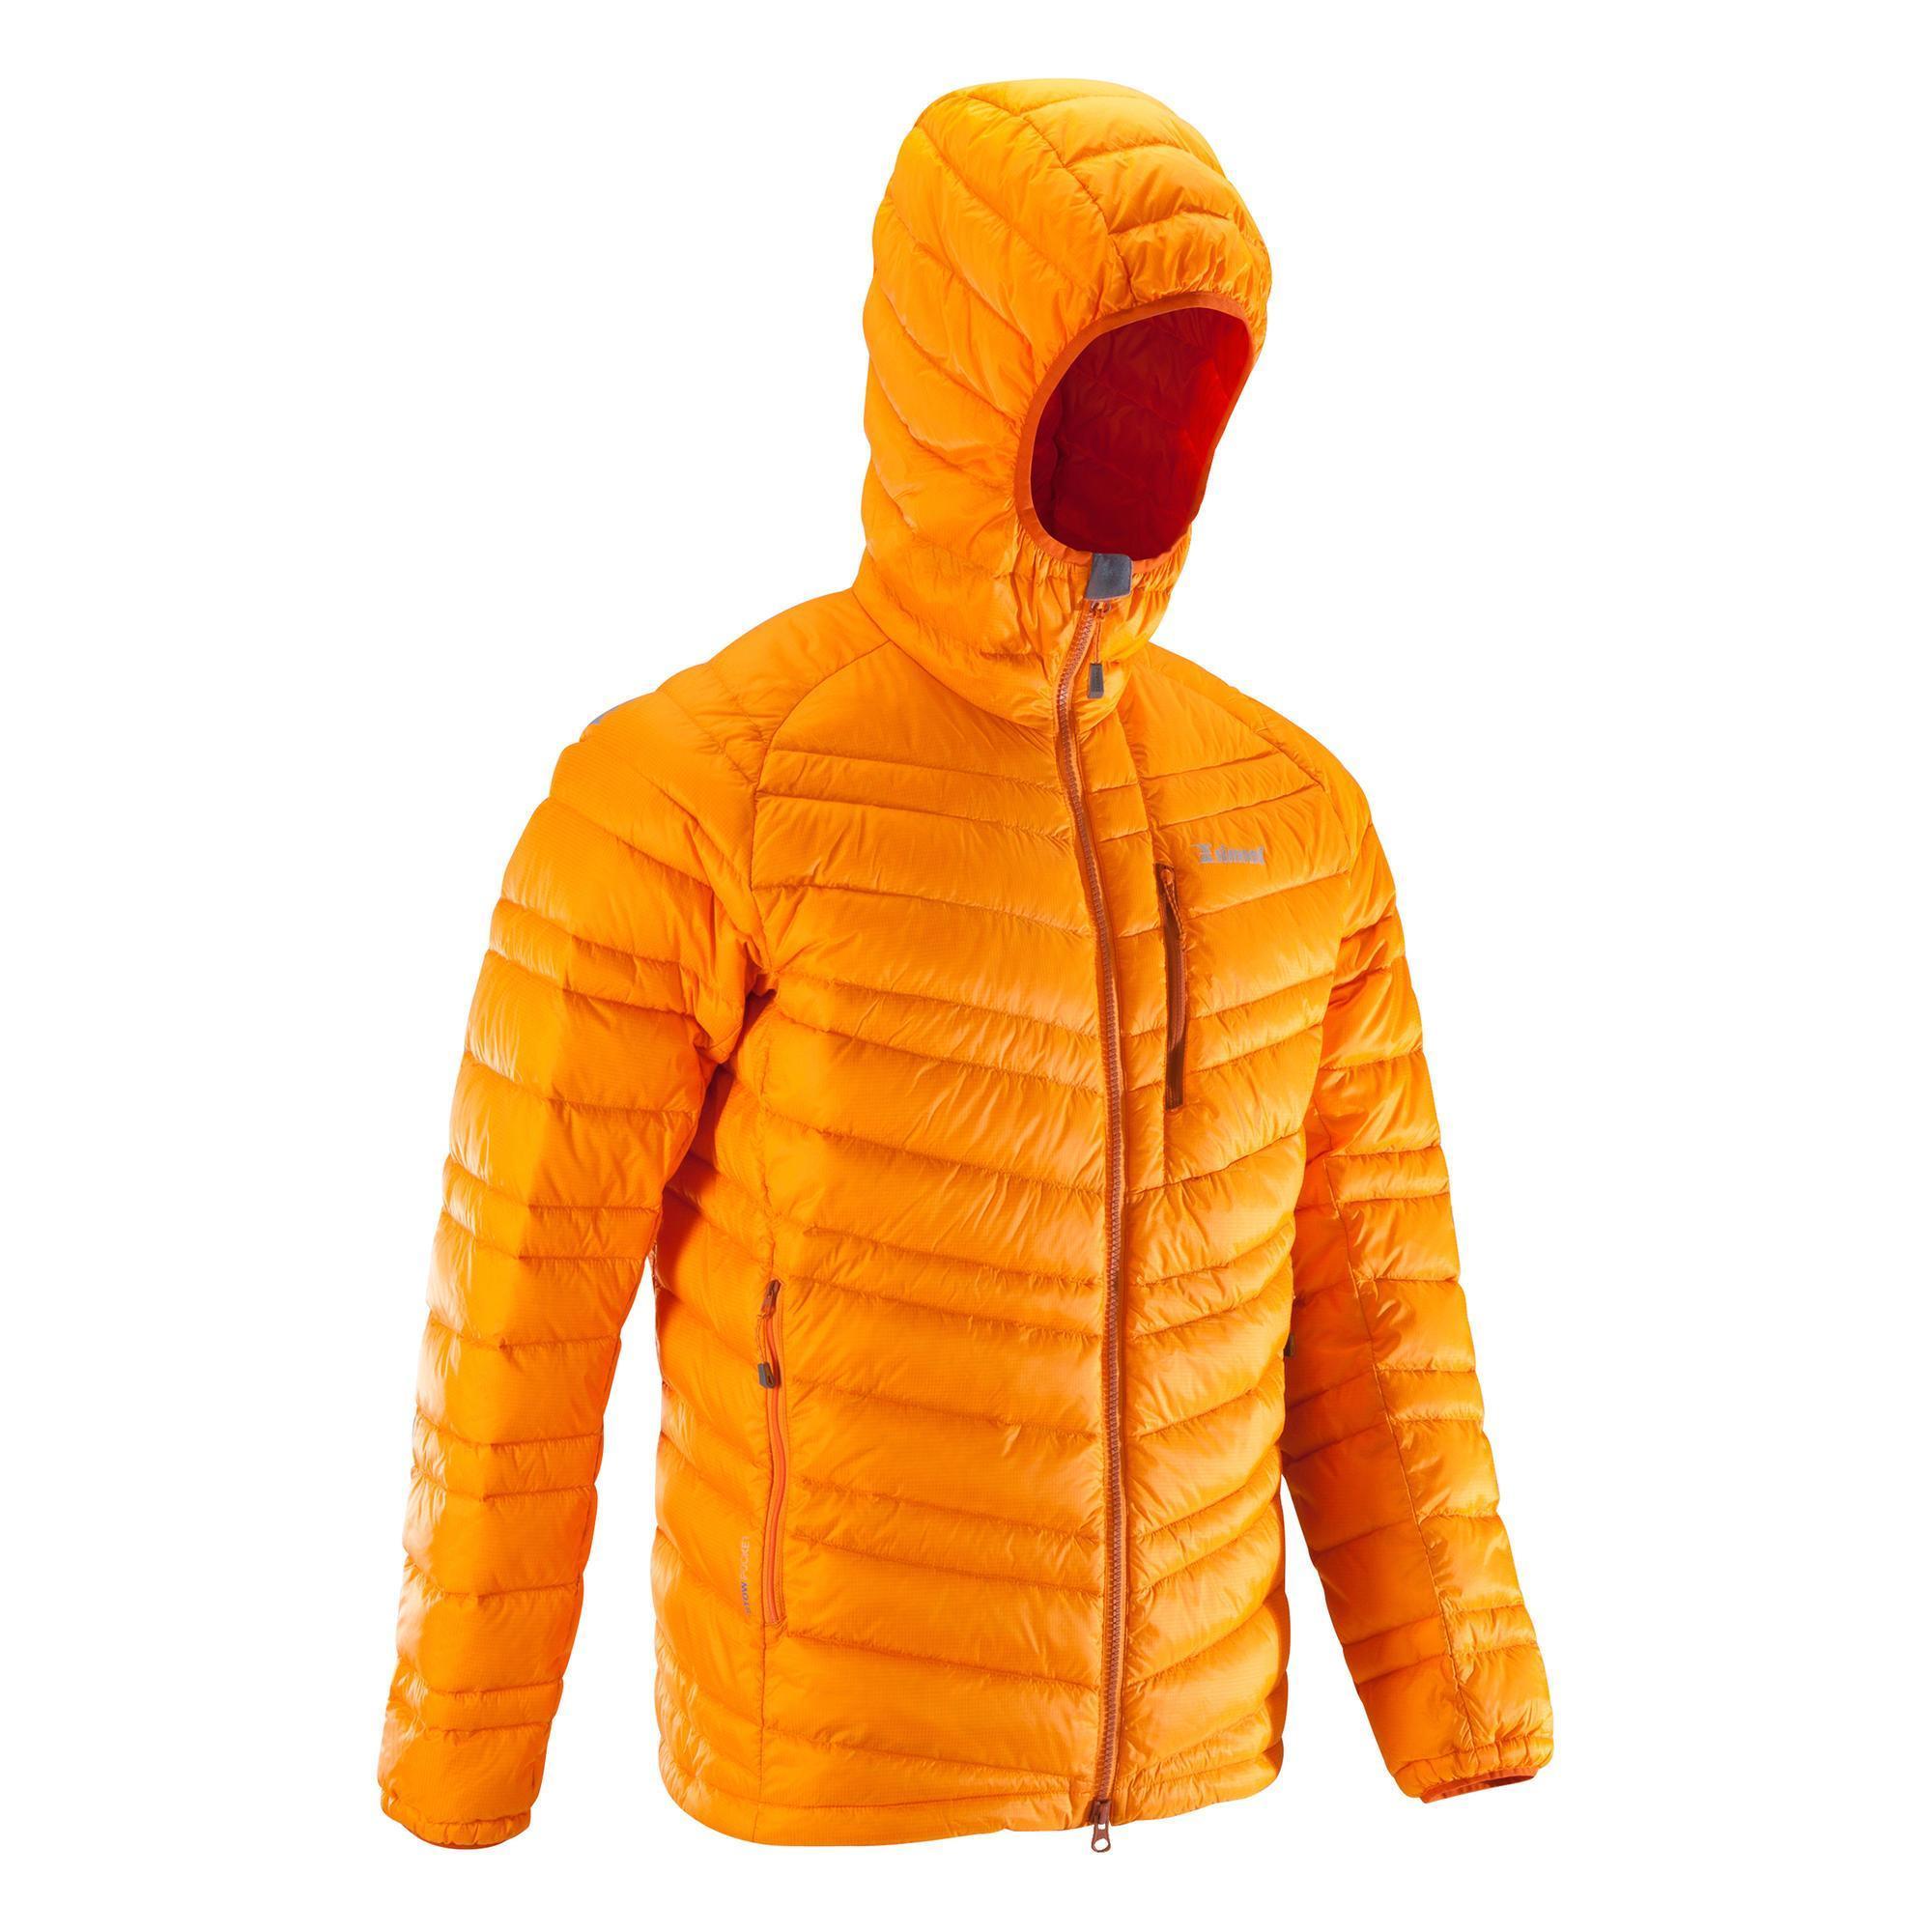 Veste disolation duvet doudoune light alpi homme orange simond